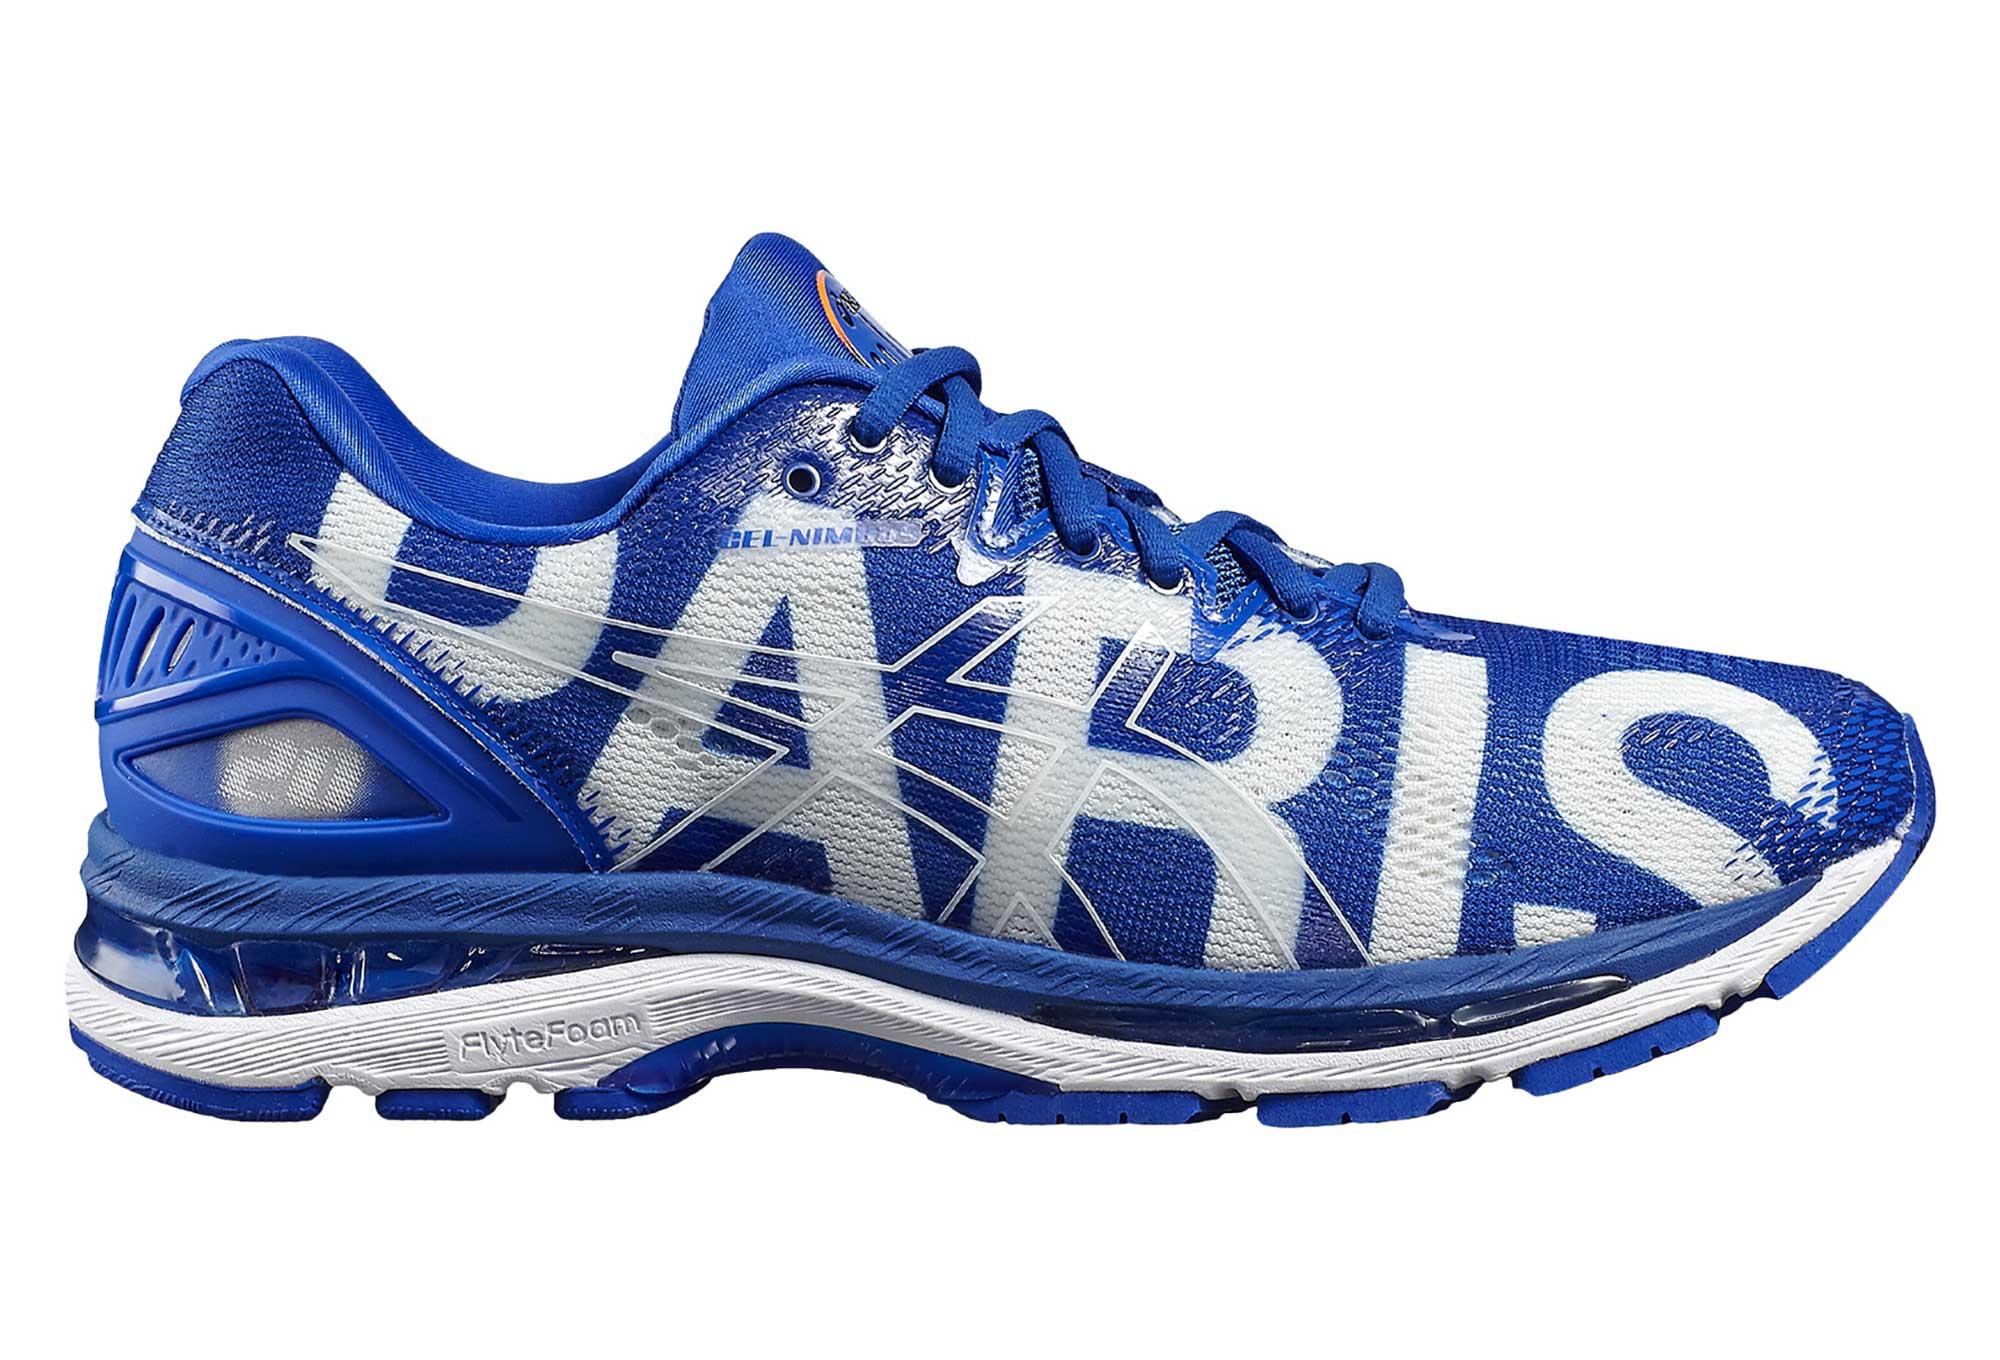 Chaussure running femme marathon